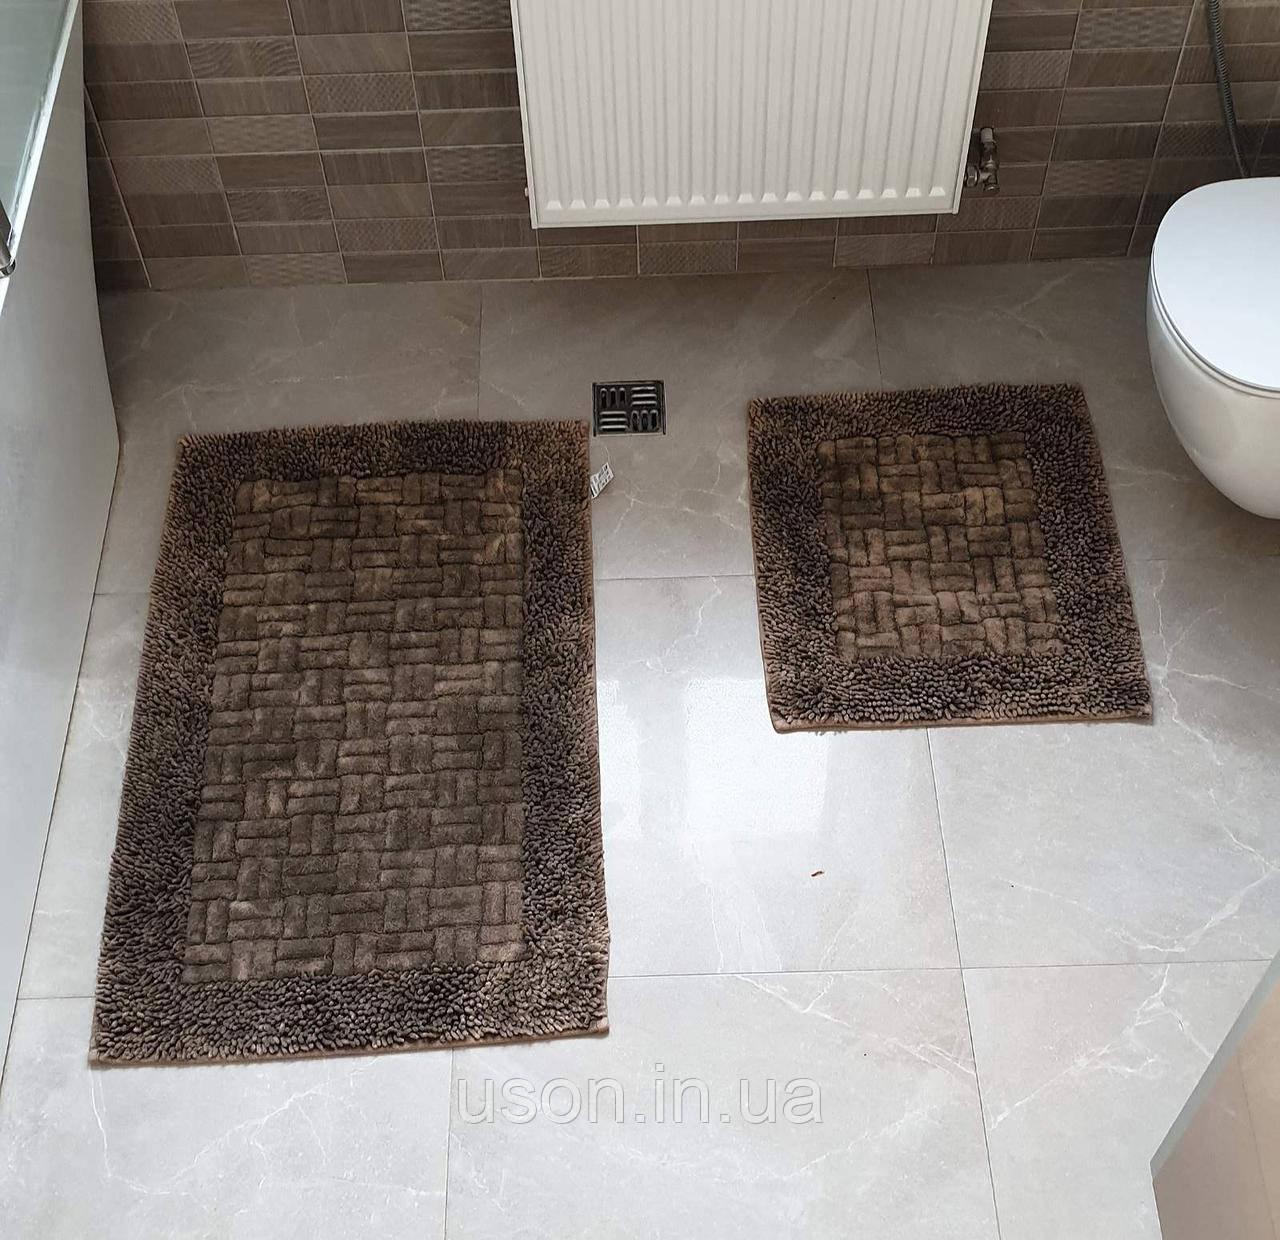 Набор хлопковых ковриков для ванной комнаты Zeron  60*100 + 50*60 Vintage Cotton коричневый